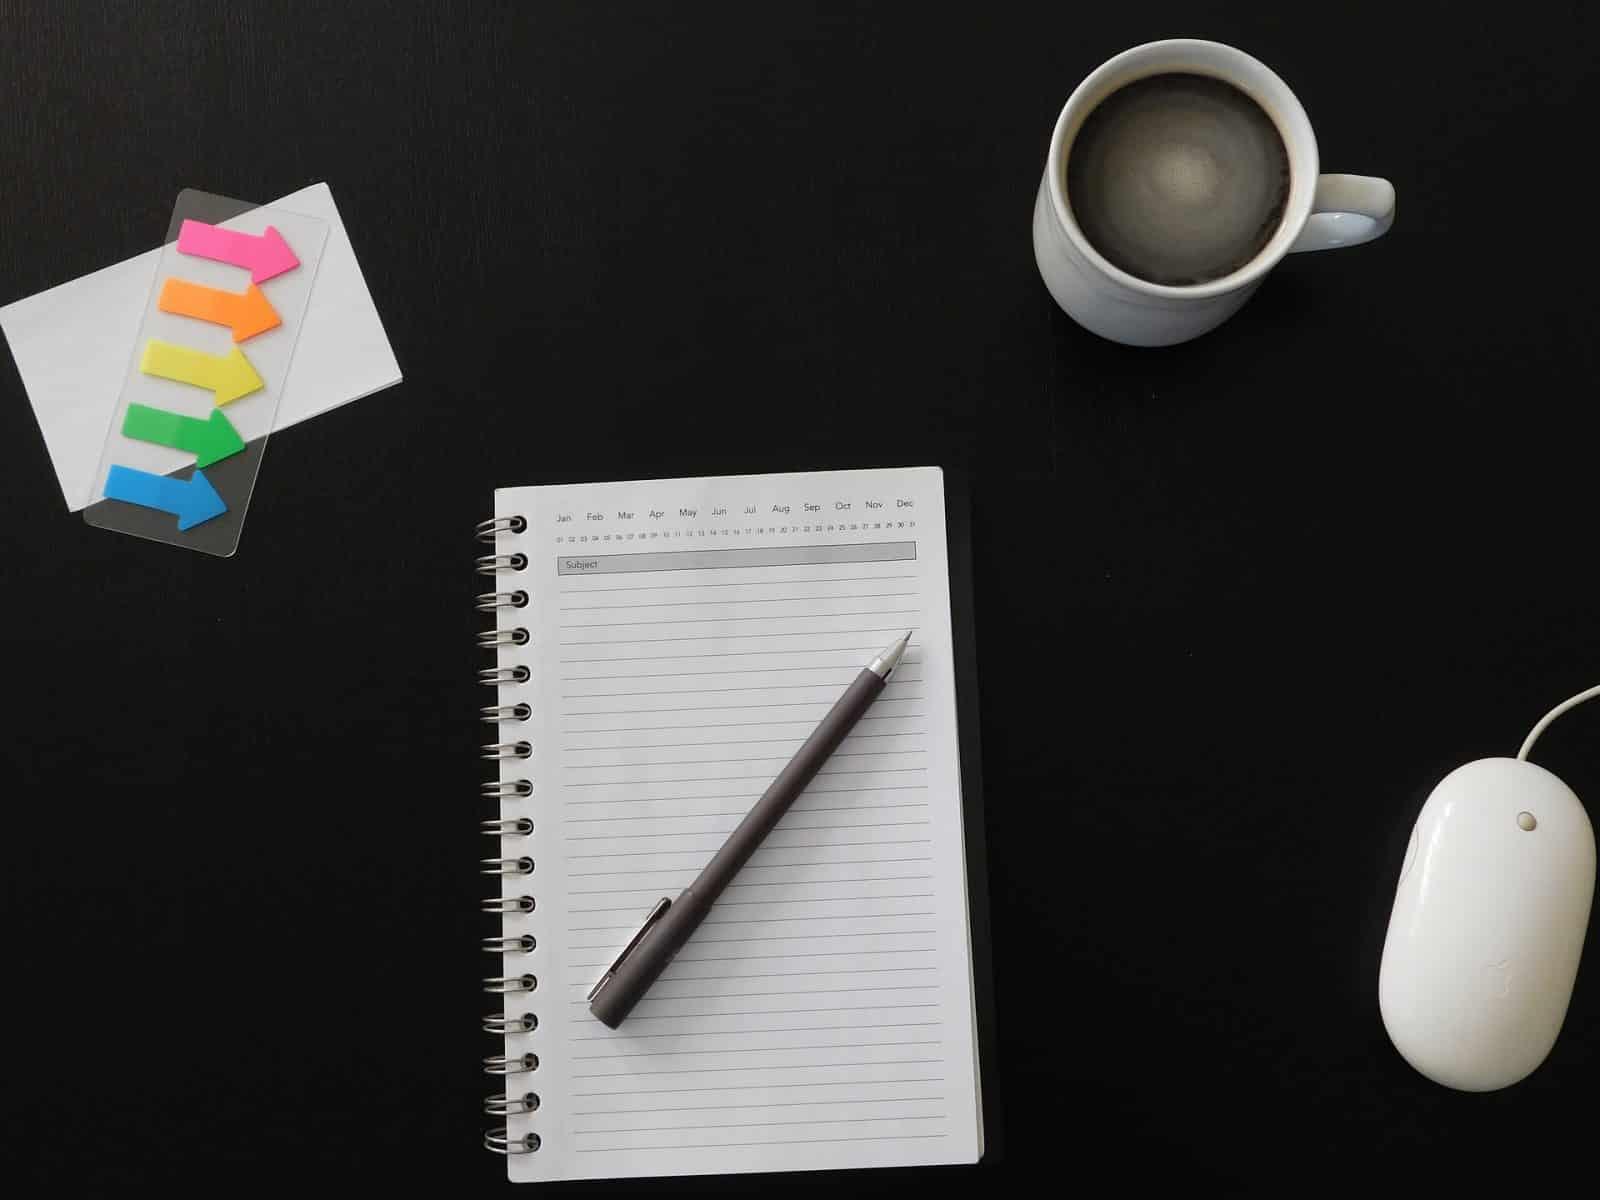 BetterStudy recherche un.e enseignant.e pour créer un cours de psychologie